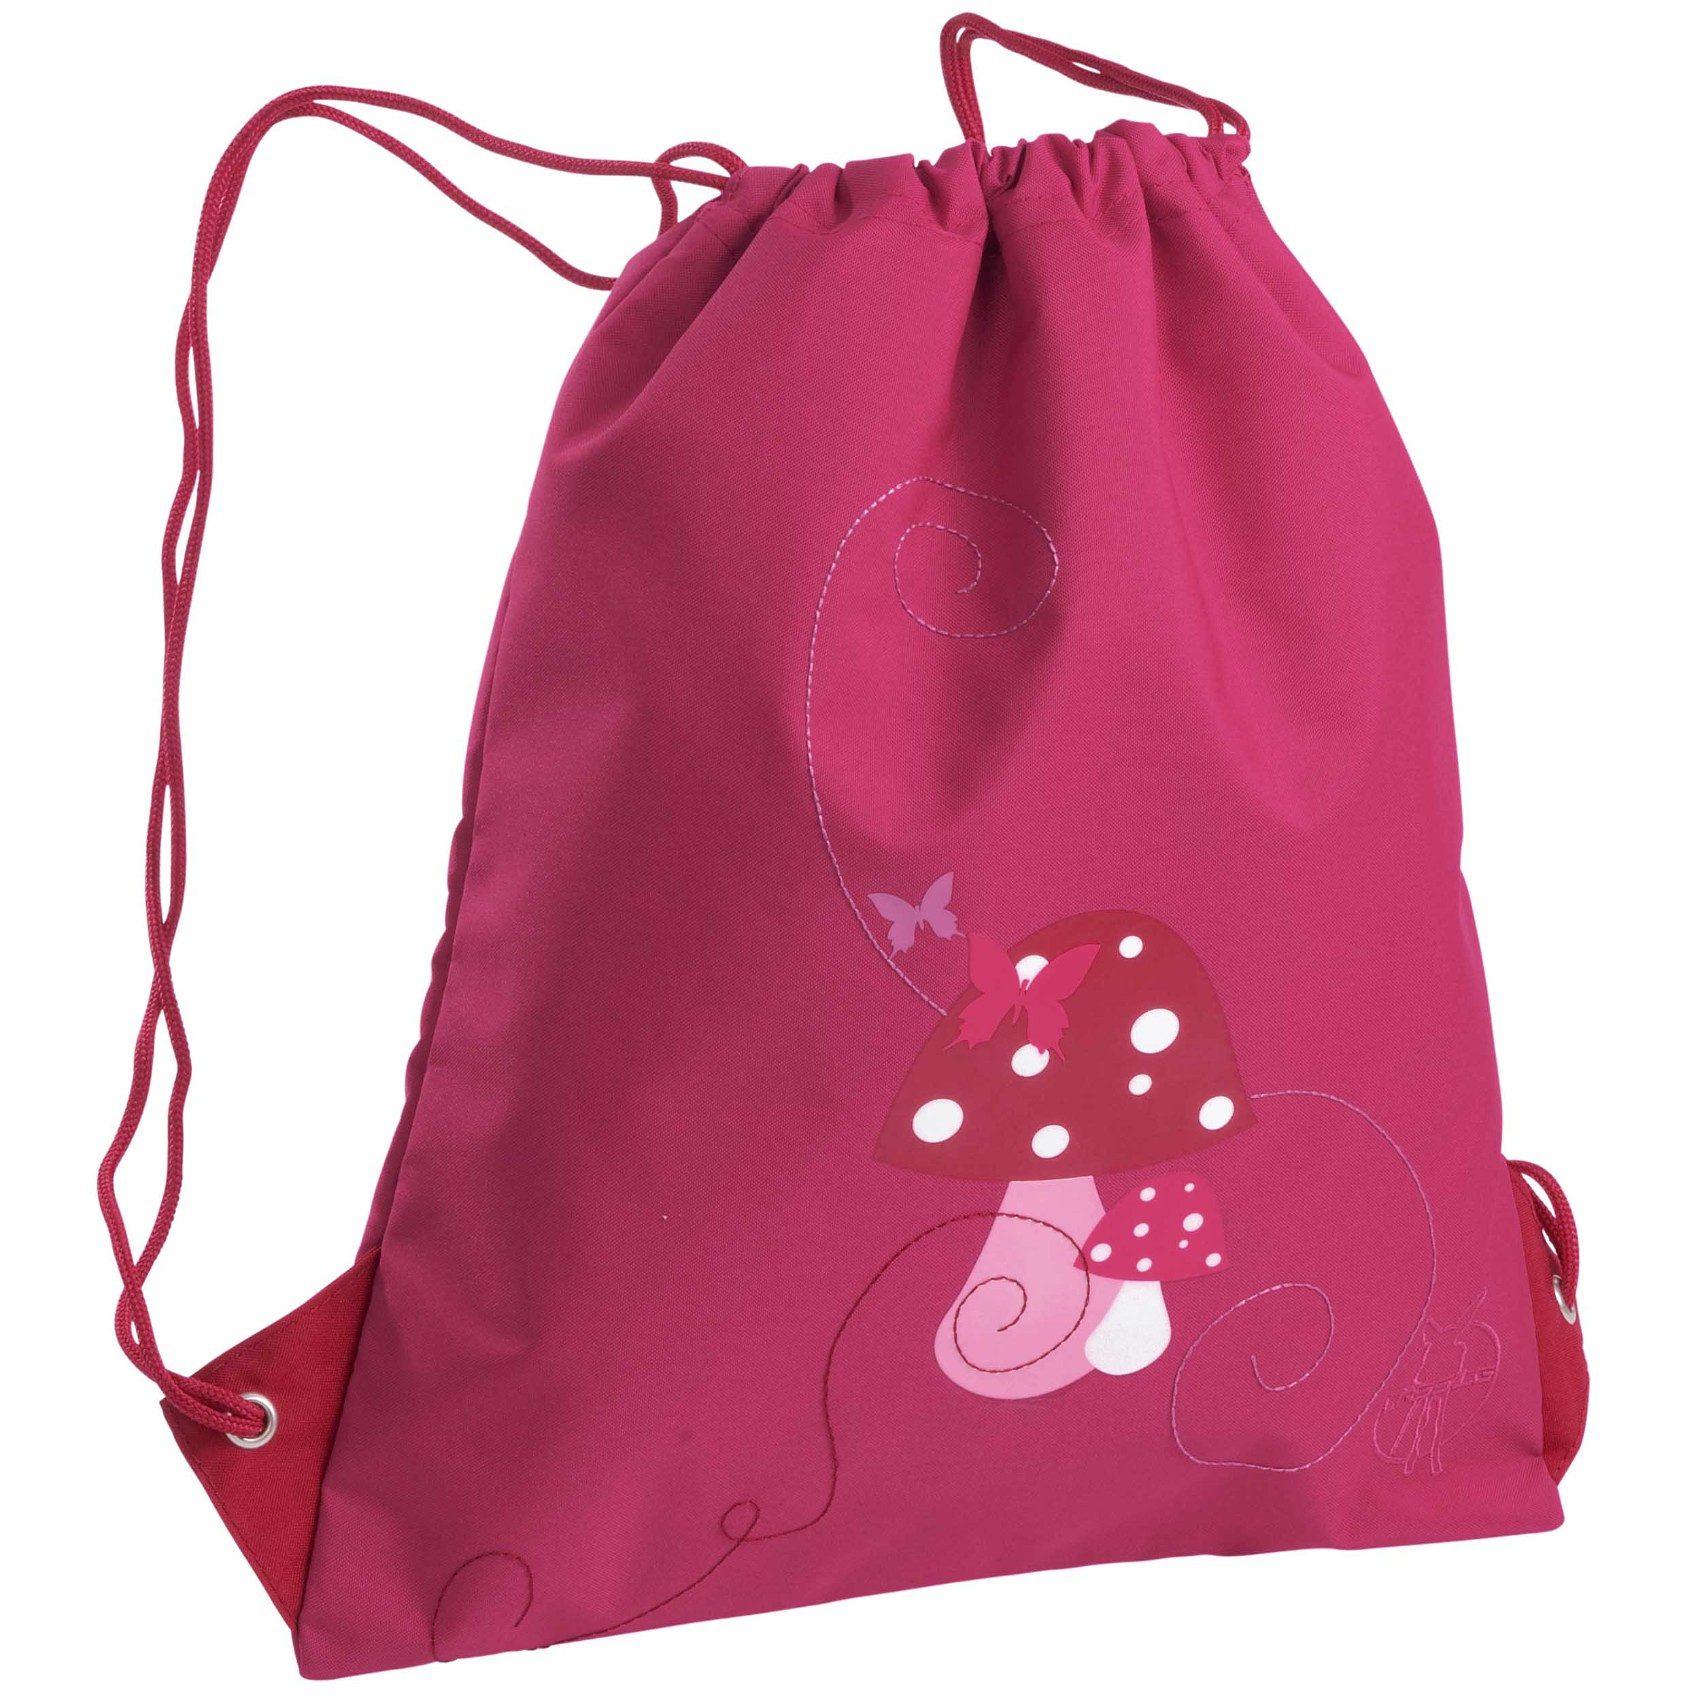 Lässig Sportbeutel 4kids, String Bag, Mushroom